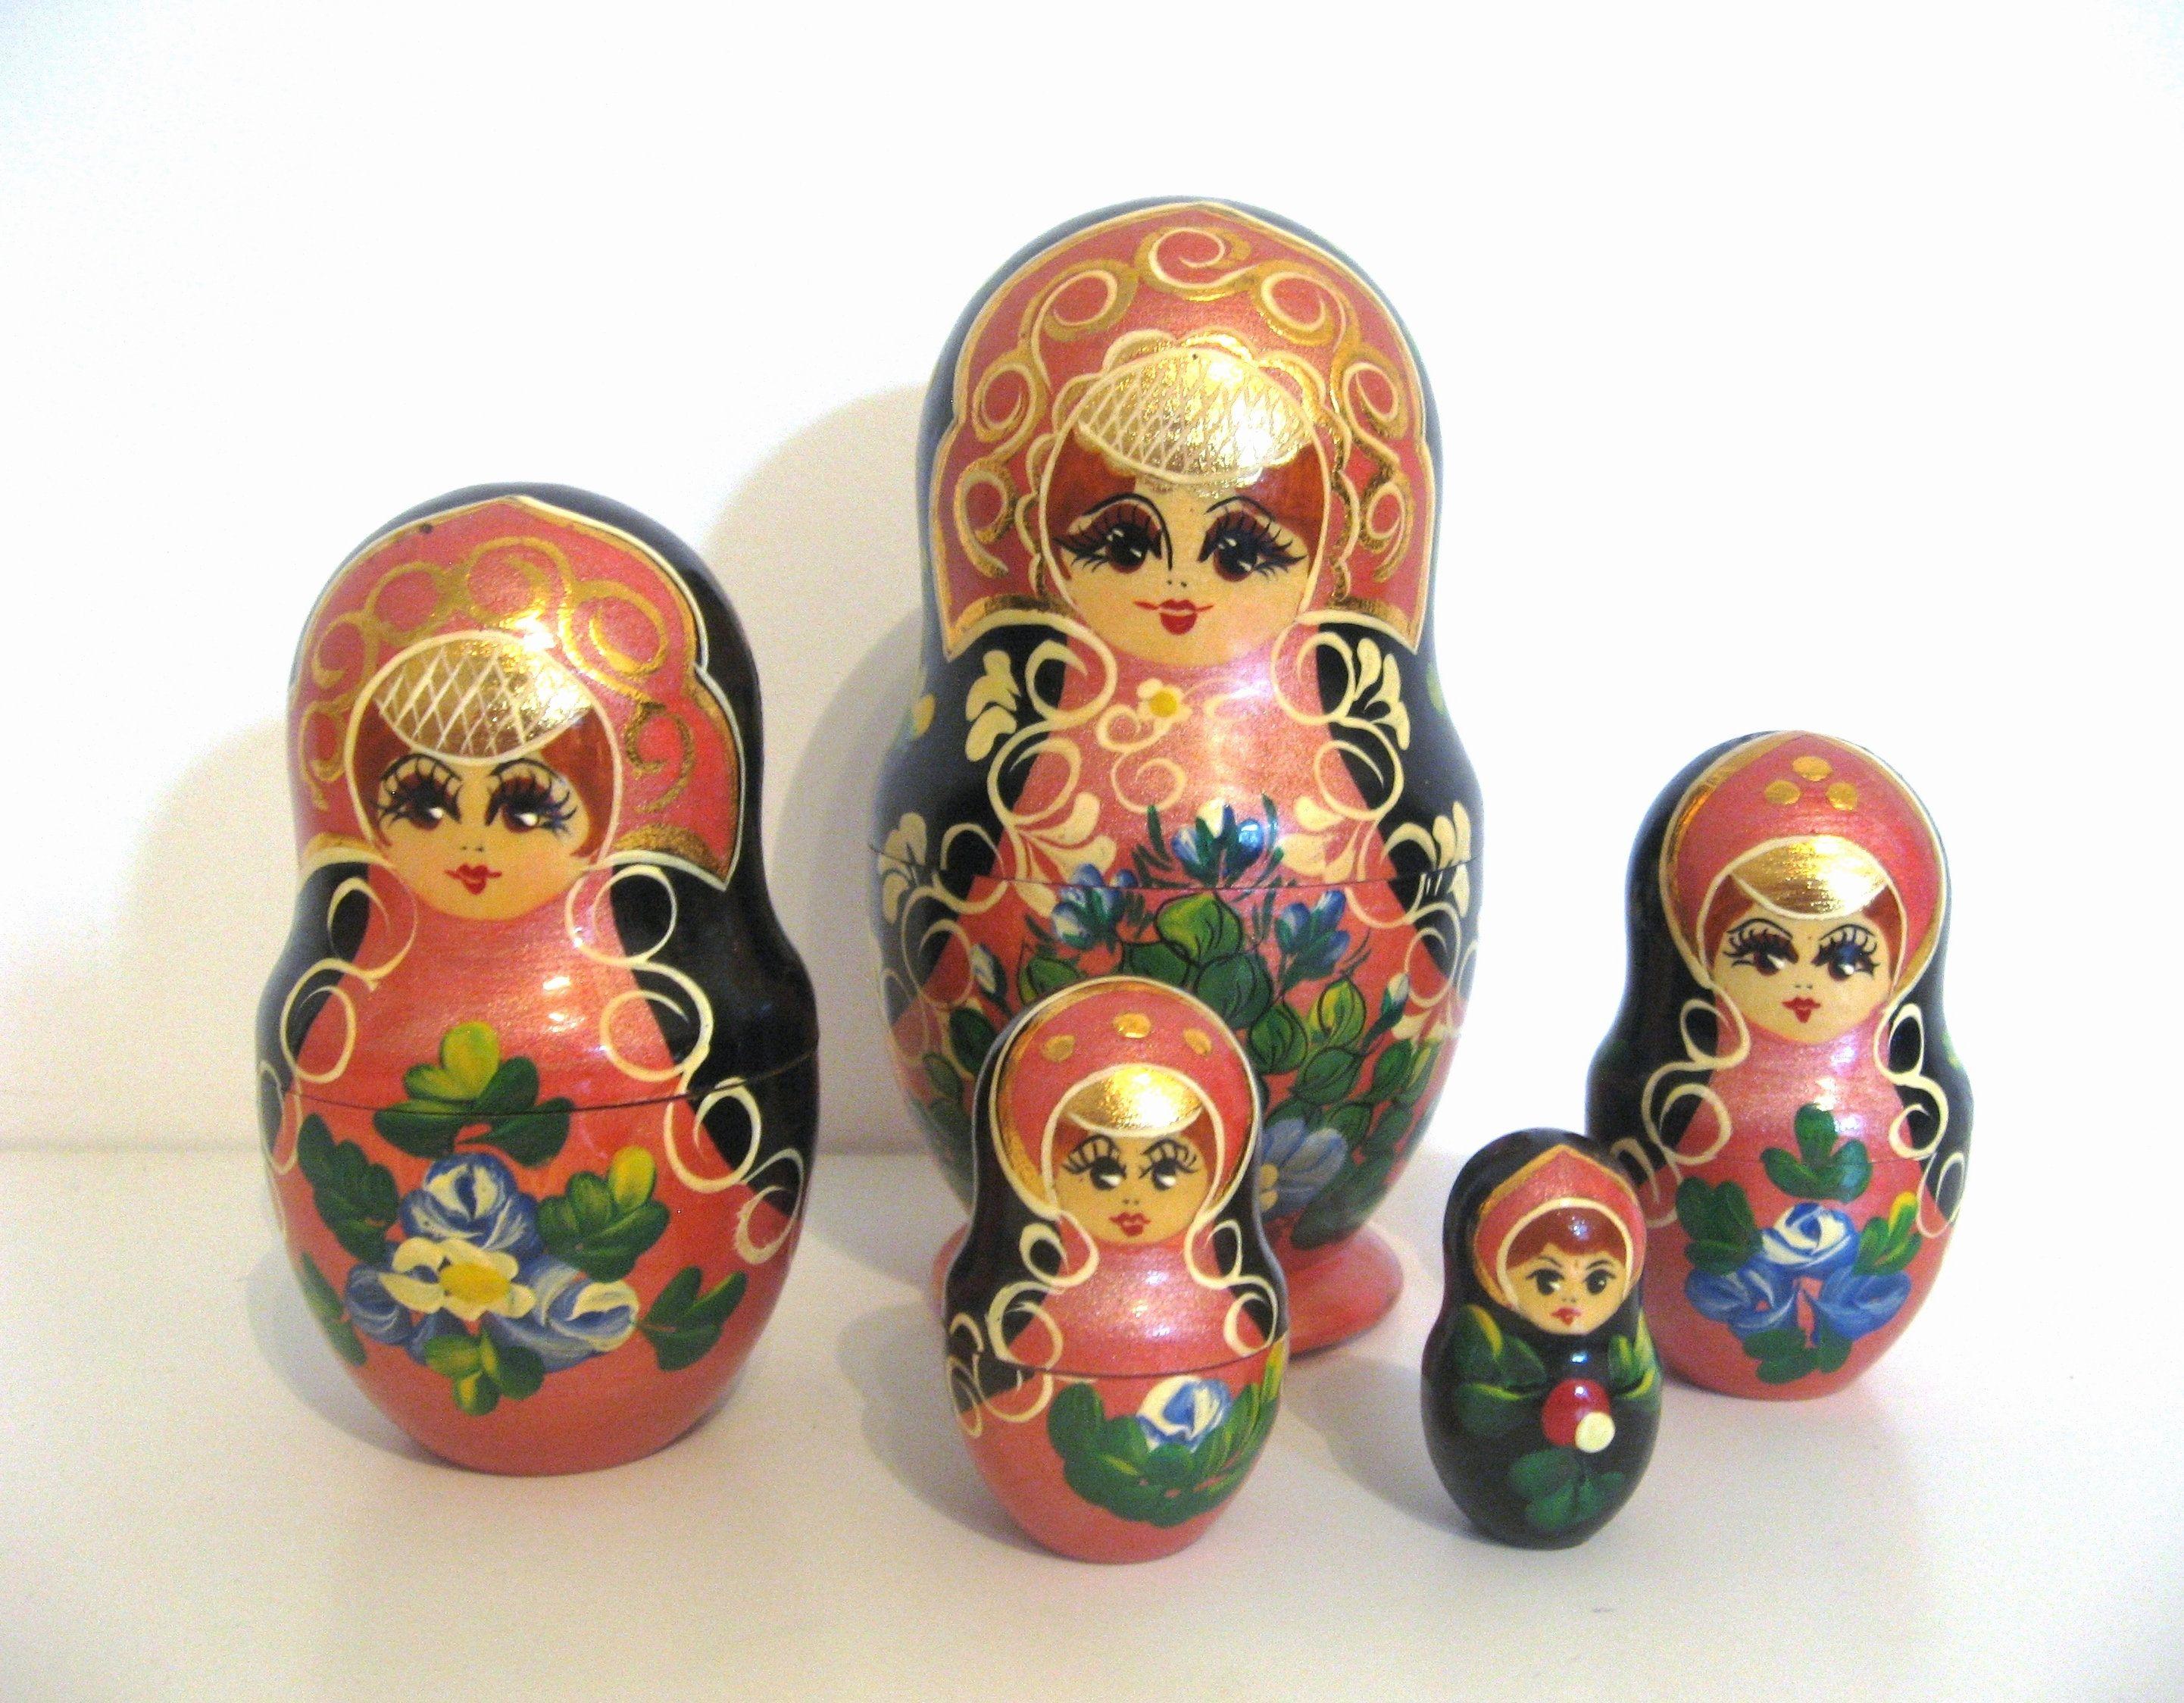 Vintage Russian Babushka Matryoshka Nesting Dolls Set of 5